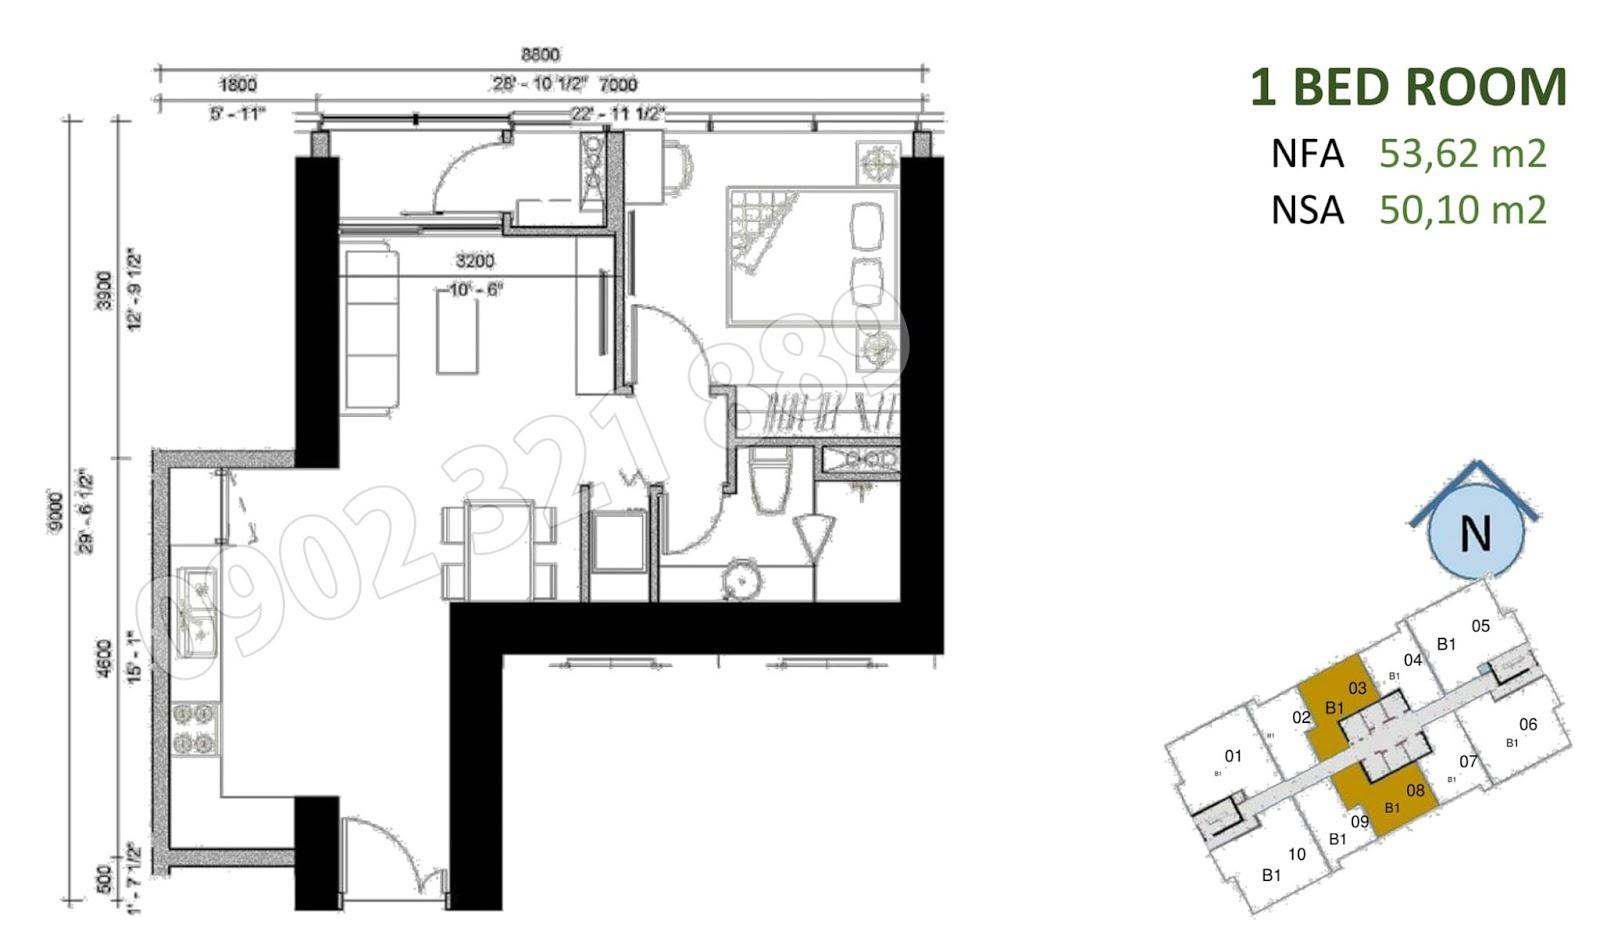 mặt bằng căn hộ sunwah pearl 1 phòng ngủ B1-03 và B1-08